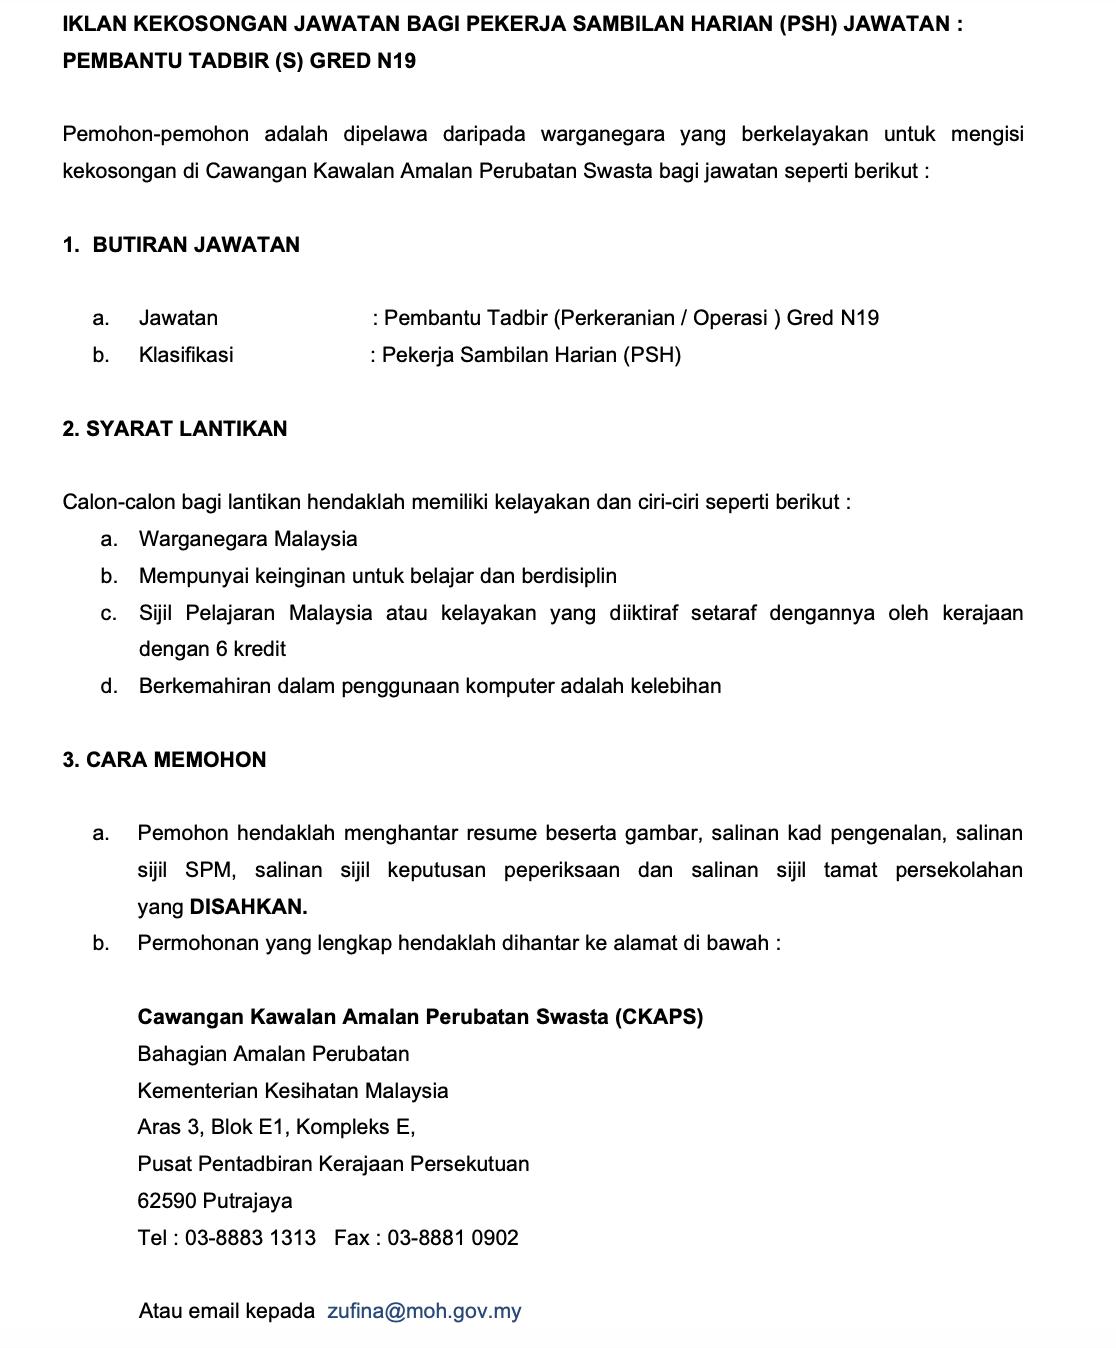 Pembantu Tadbir Kementerian Kesihatan Malaysia